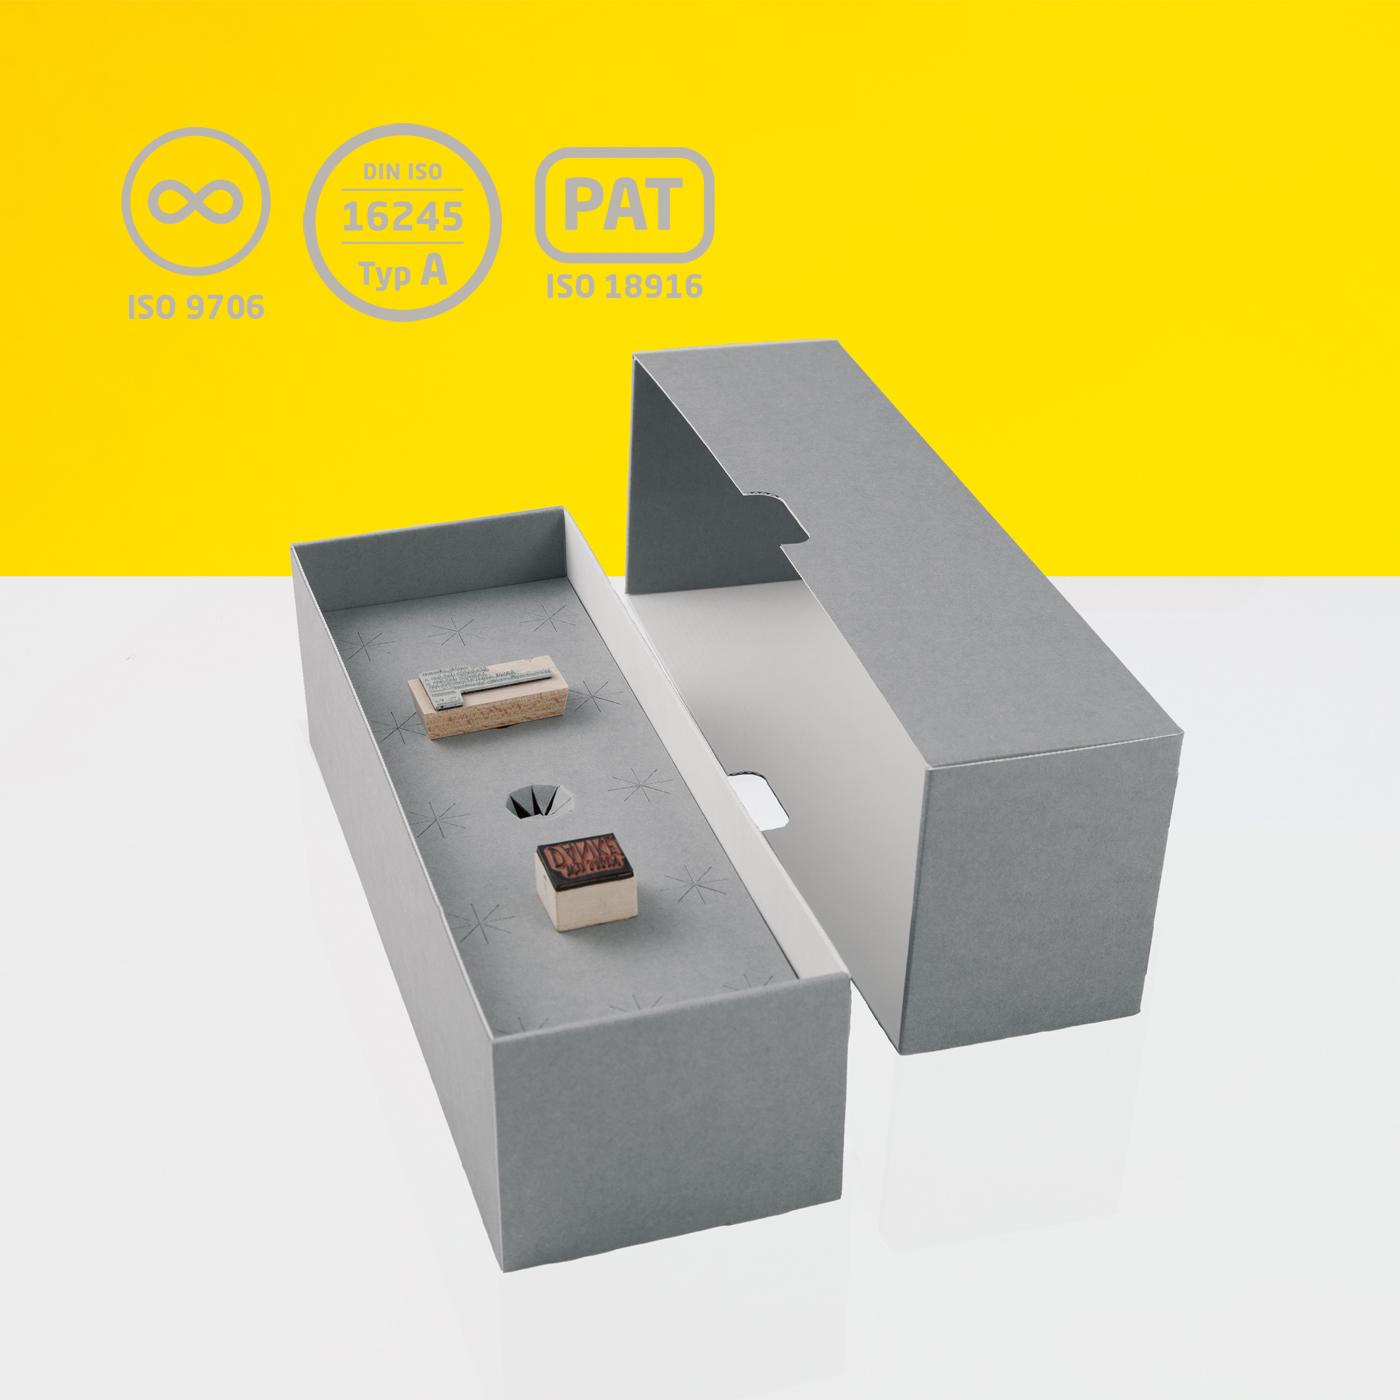 Stempelarchivbox für Stempel und Typare